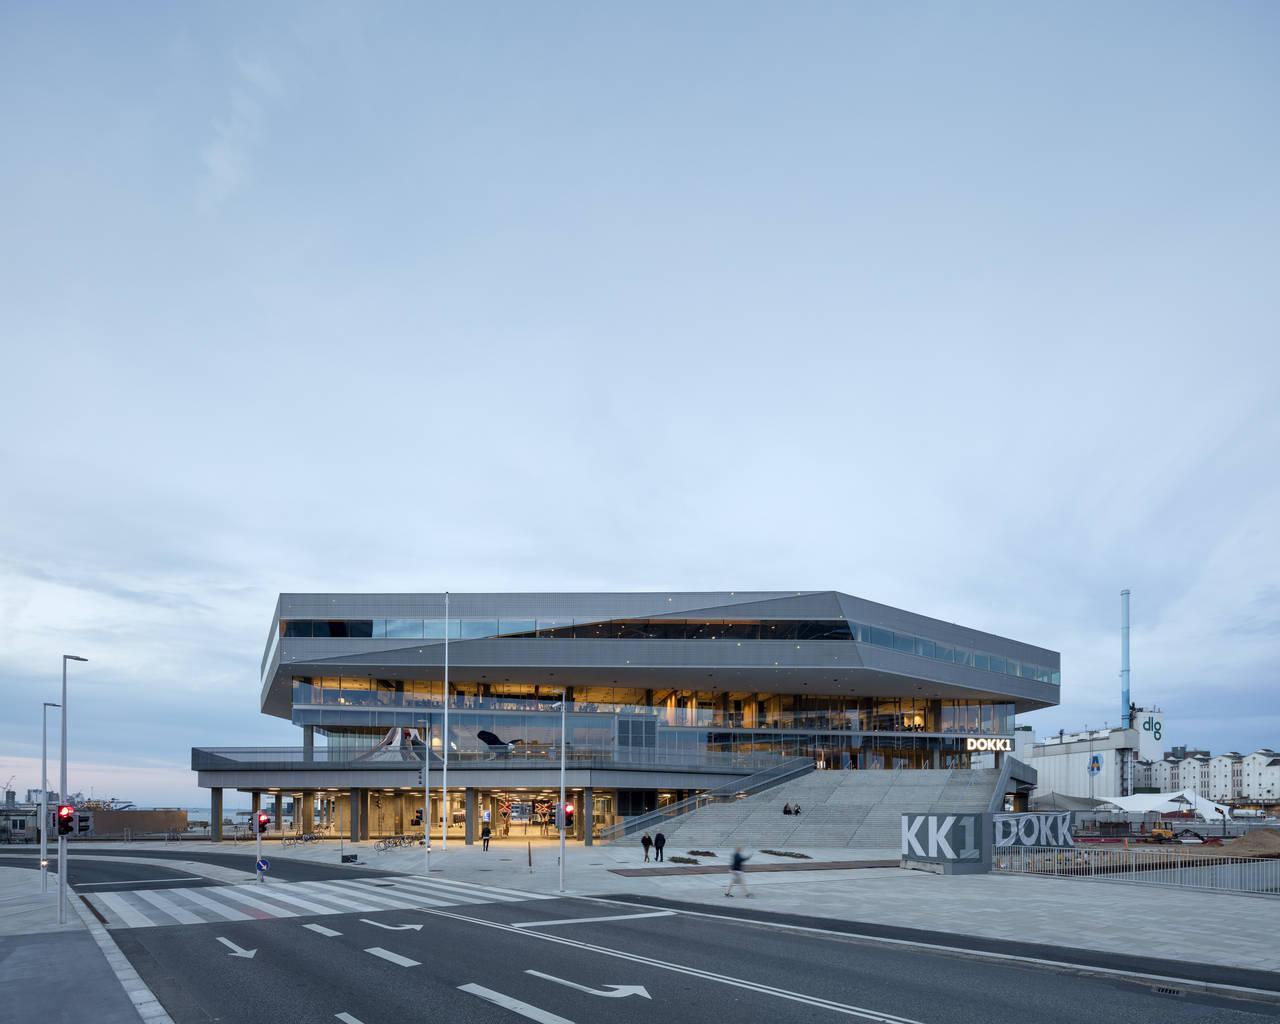 Dokk1 Exterior View by Schmidt Hammer Lassen Architects : Photo © Schmidt Hammer Lassen Architects